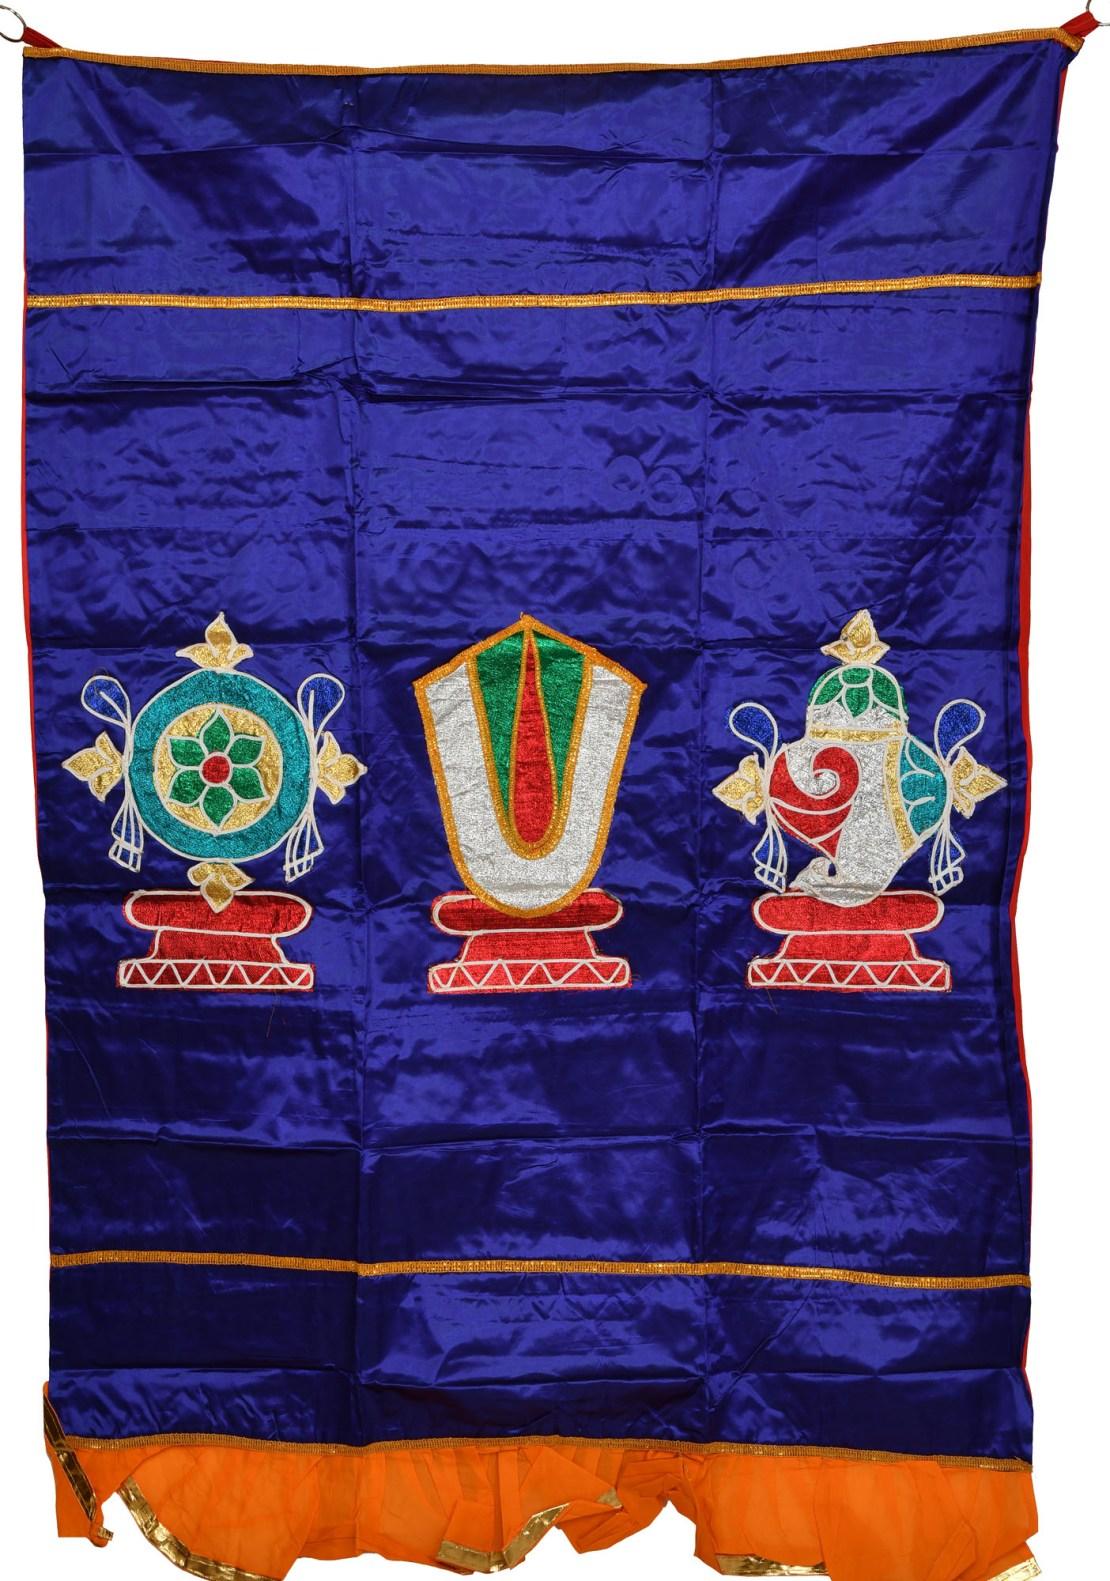 Clematis Blue Auious Temple Curtain With Vaishnava Symbols In Applique